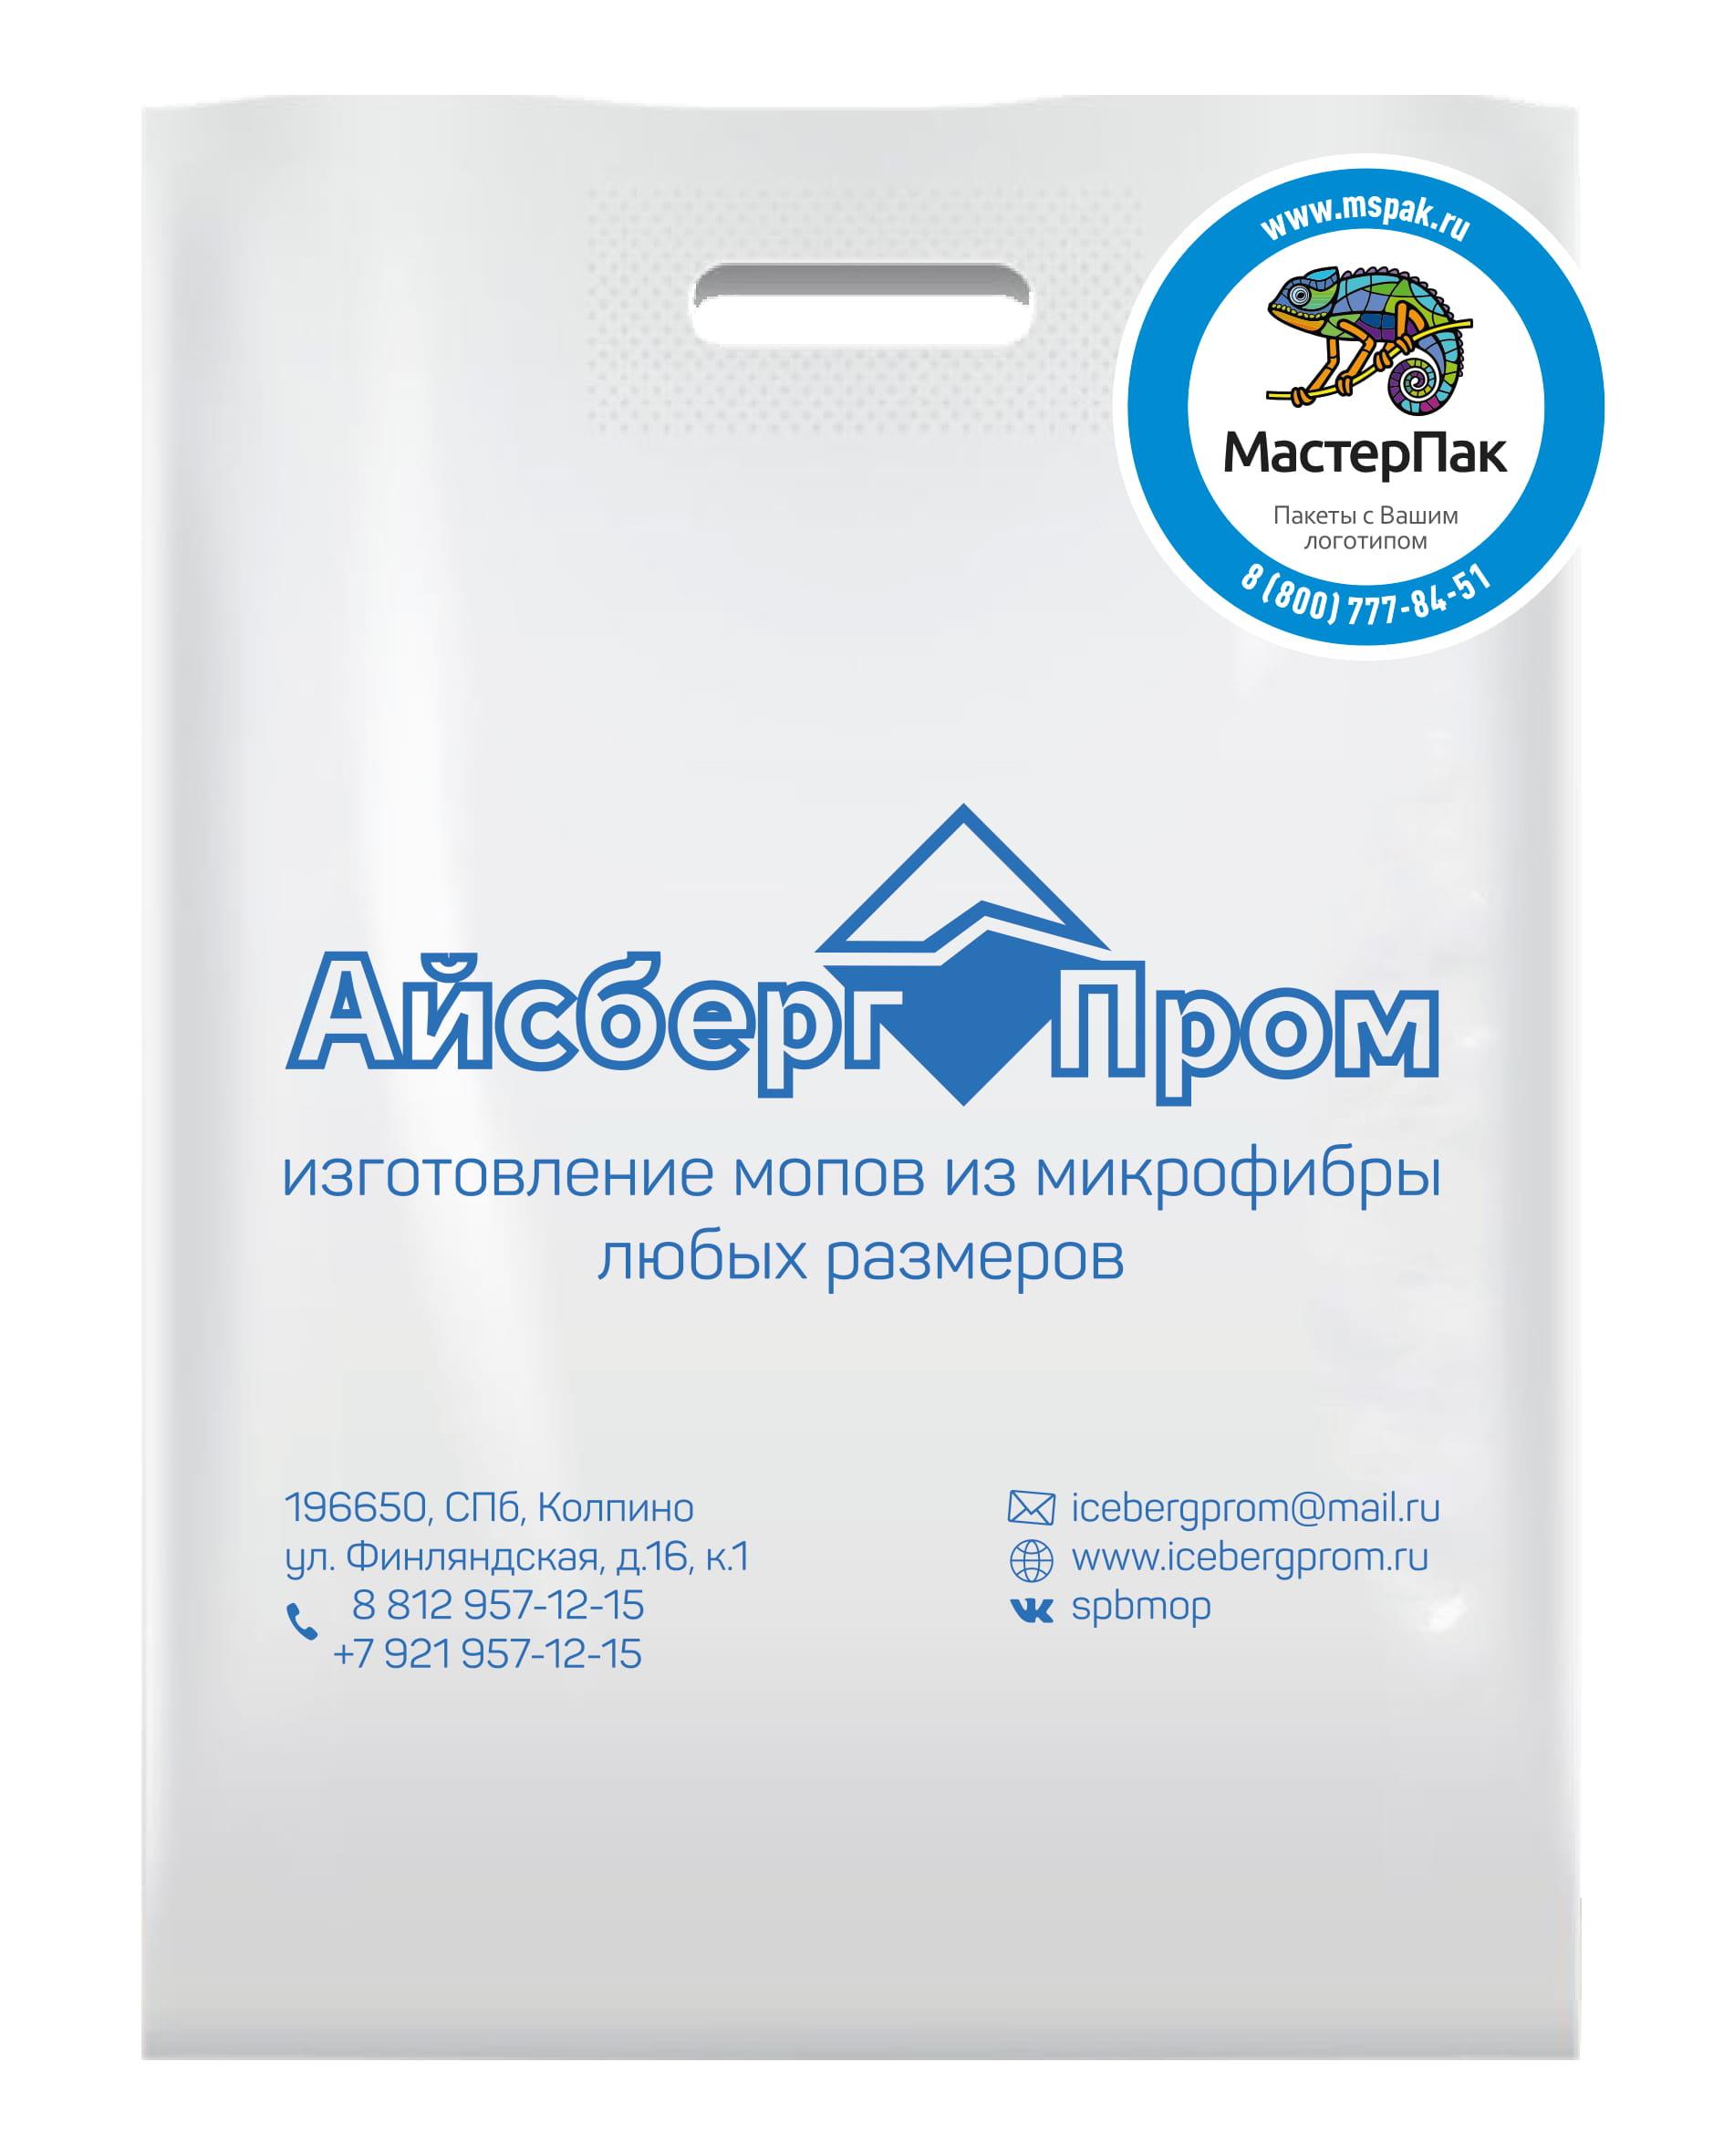 Пакет ПВД с вырубной ручной и логотипом Айсберг пром (шелкография), 70 мкм, Спб